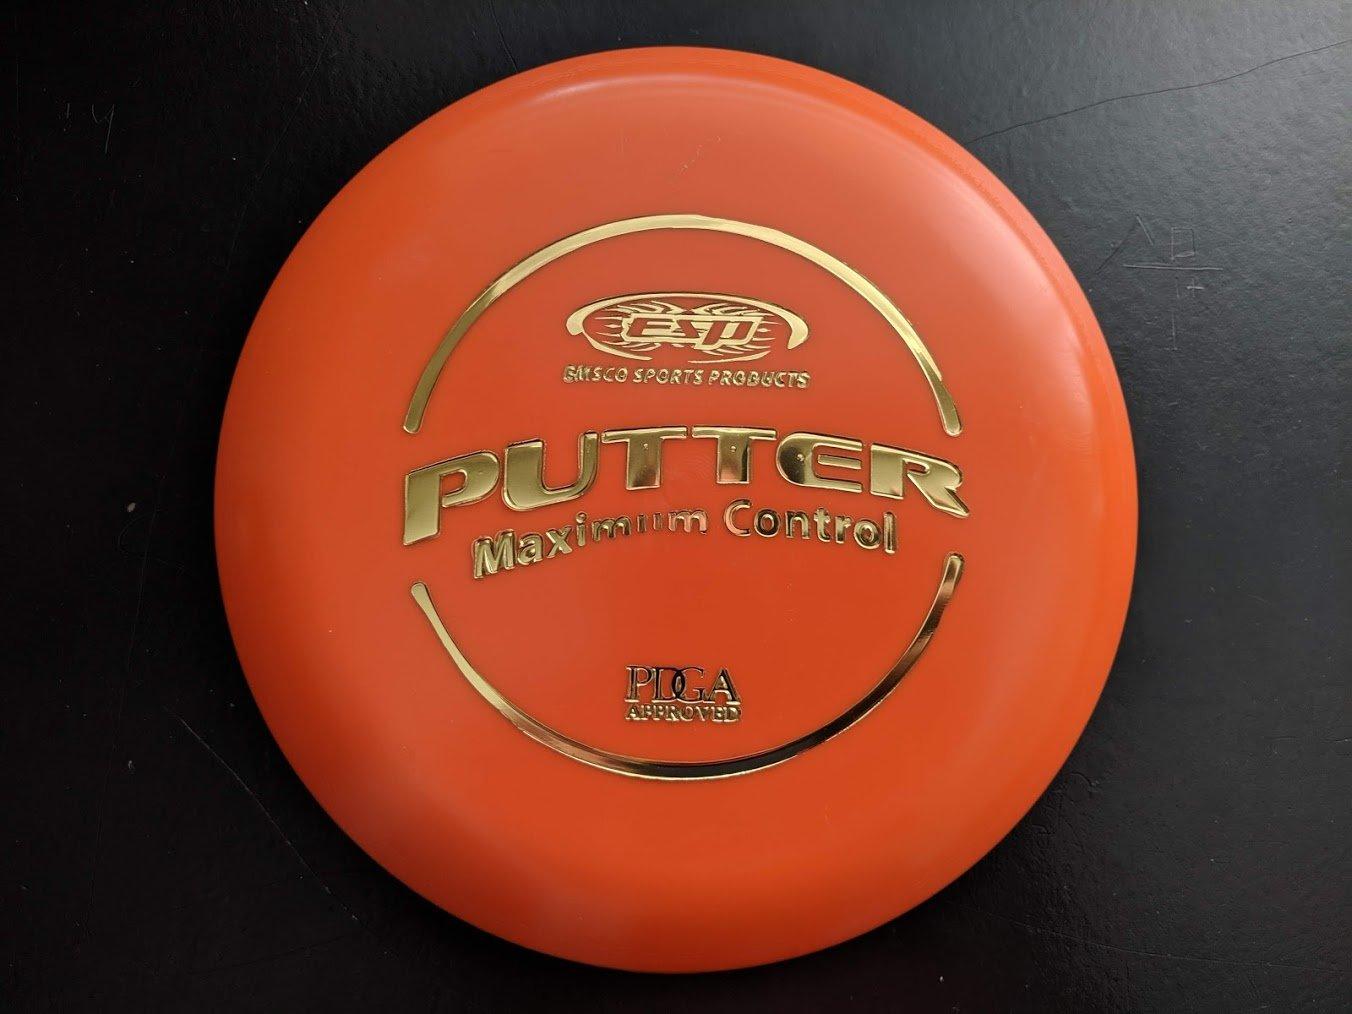 ESP Maximum Control Putter